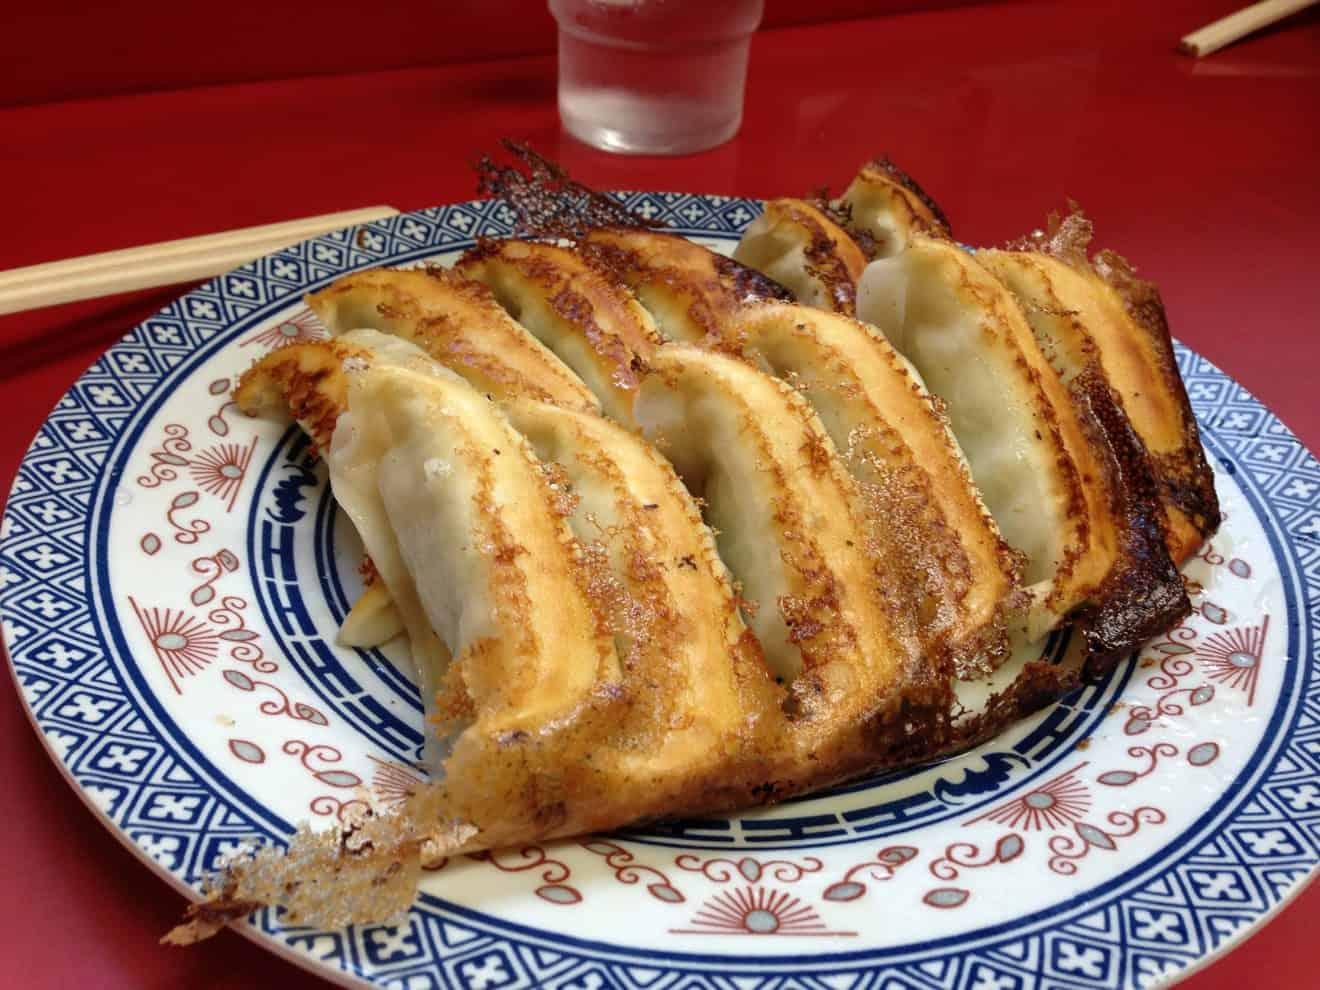 masashi gyoza (正嗣)